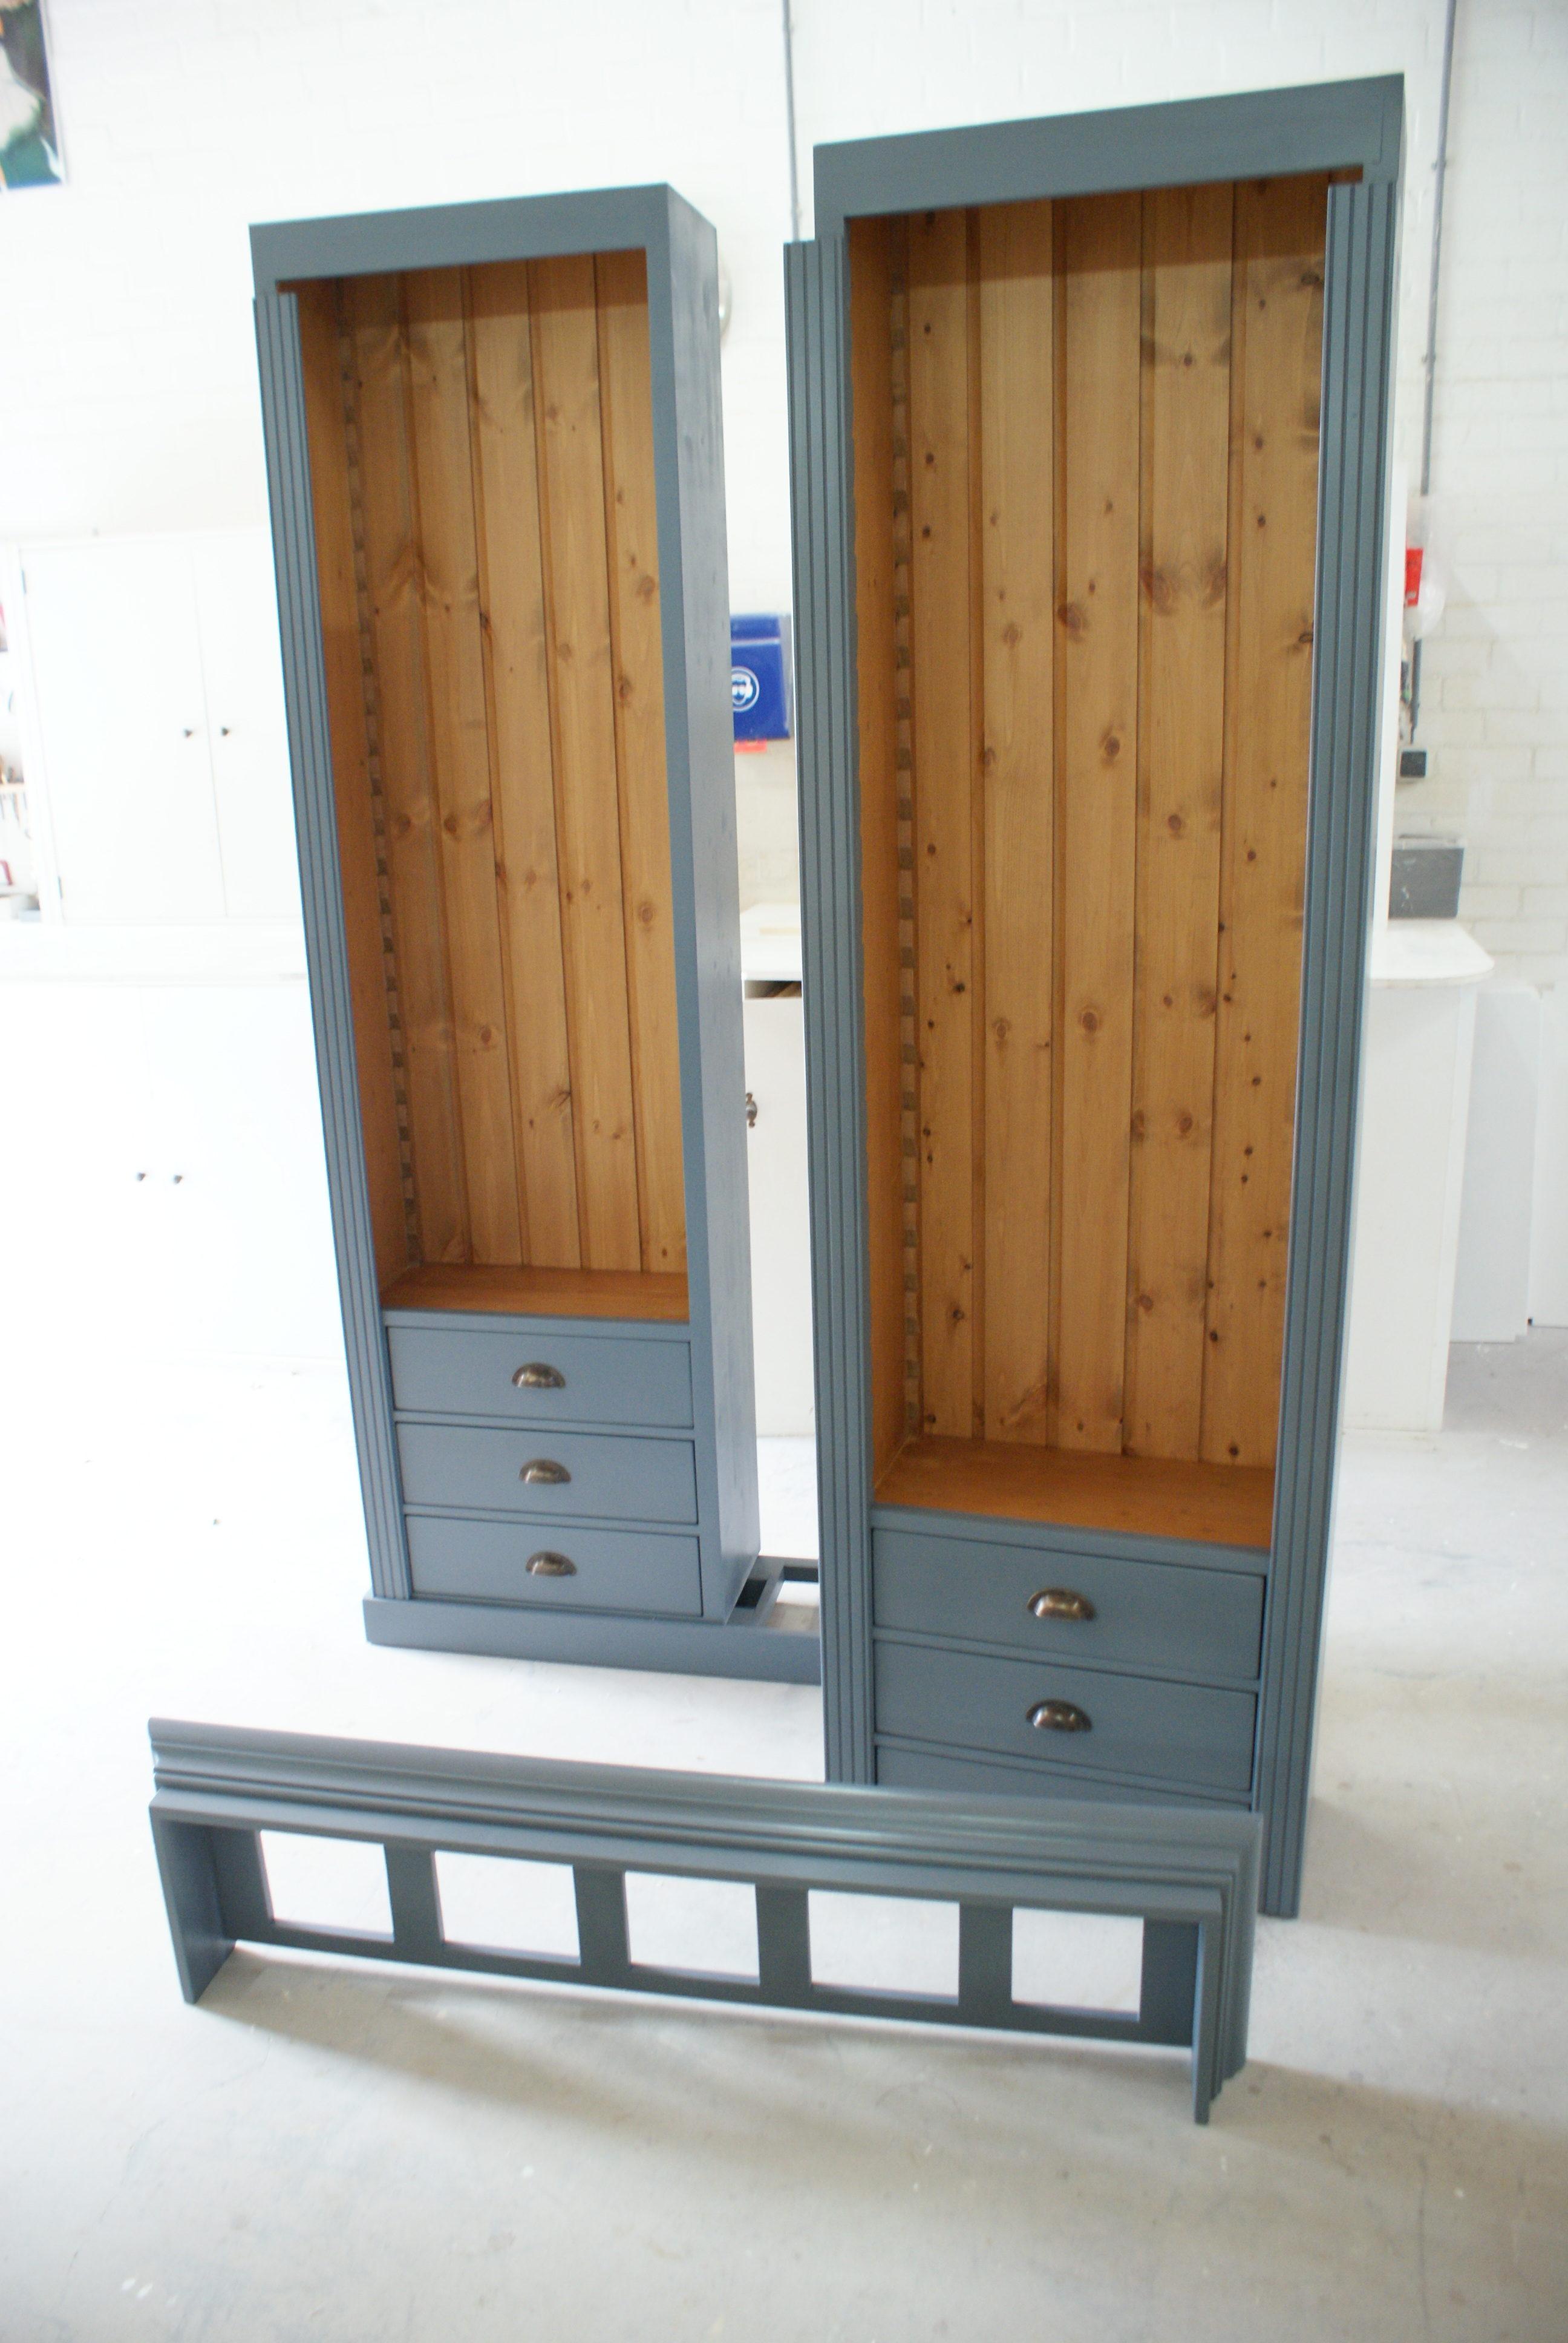 boekenkast op maat ral 7031 meubelmakerij de grenenhoeve. Black Bedroom Furniture Sets. Home Design Ideas